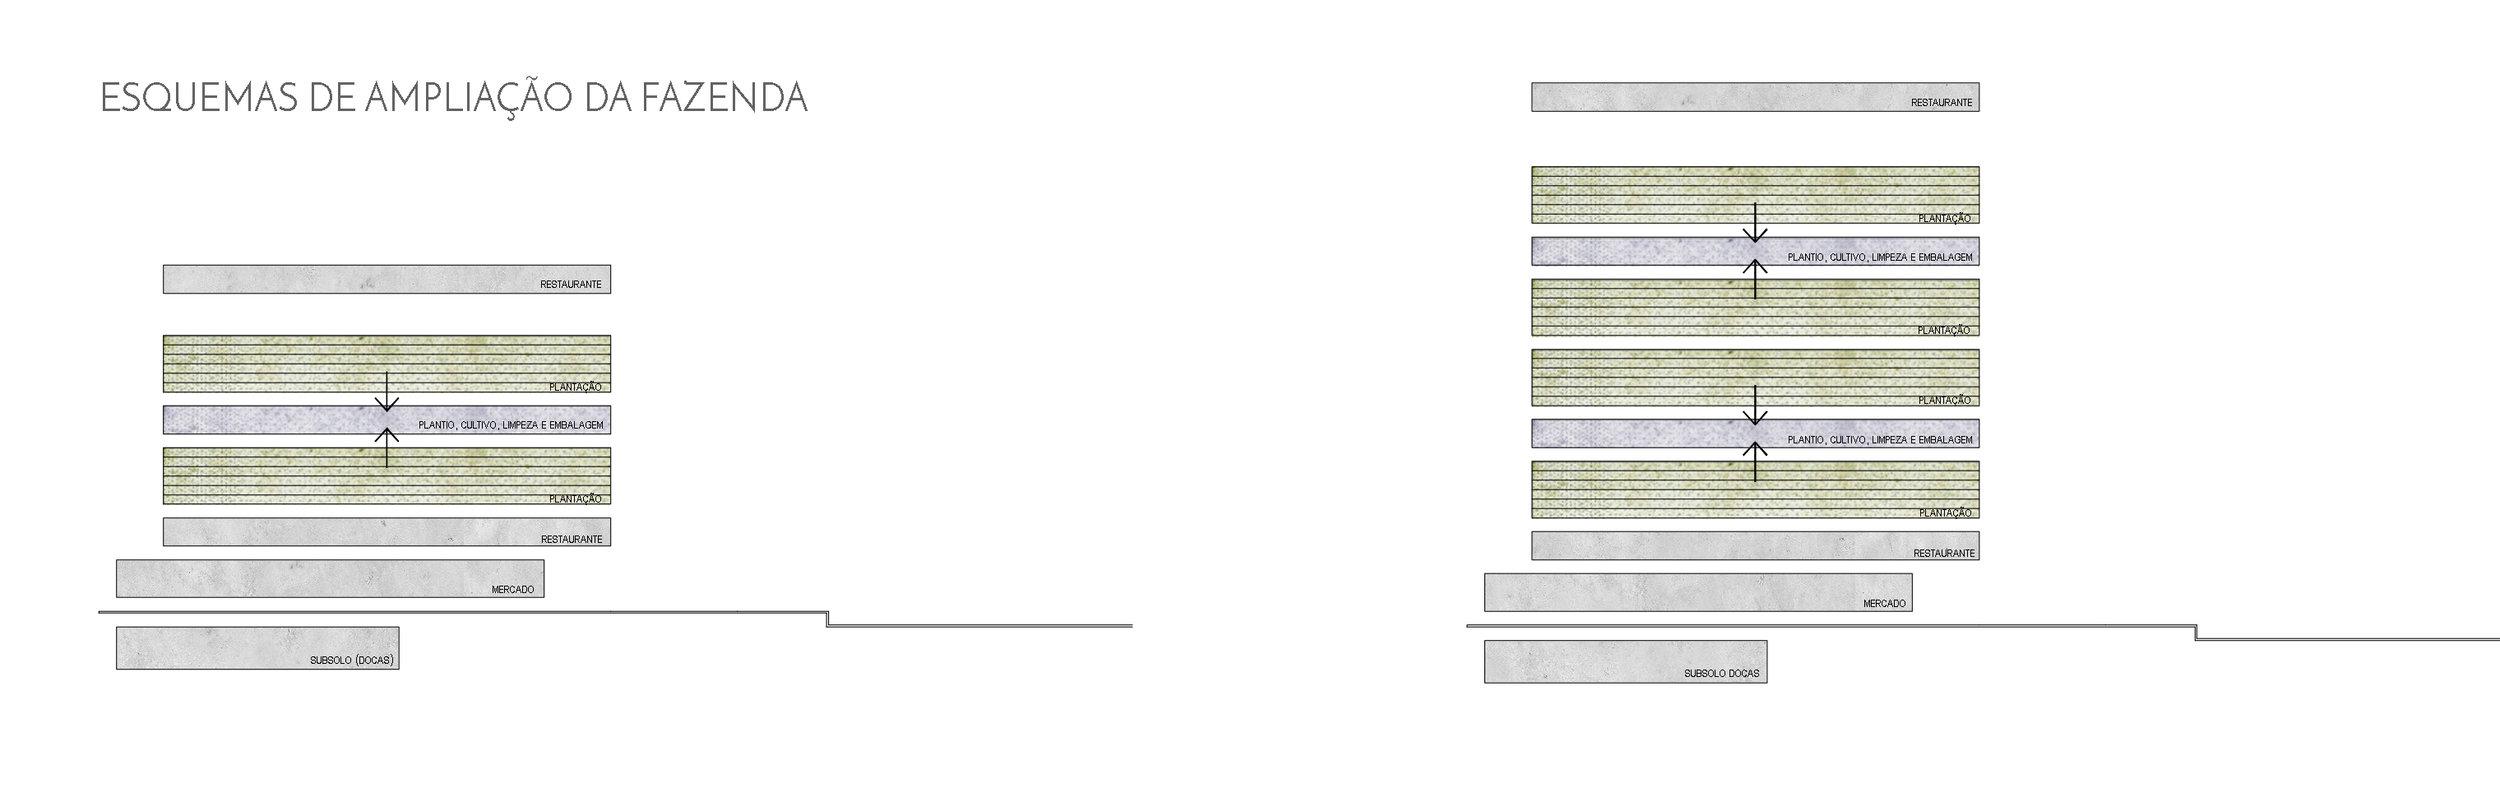 esquema plantio - verticalizar.jpg